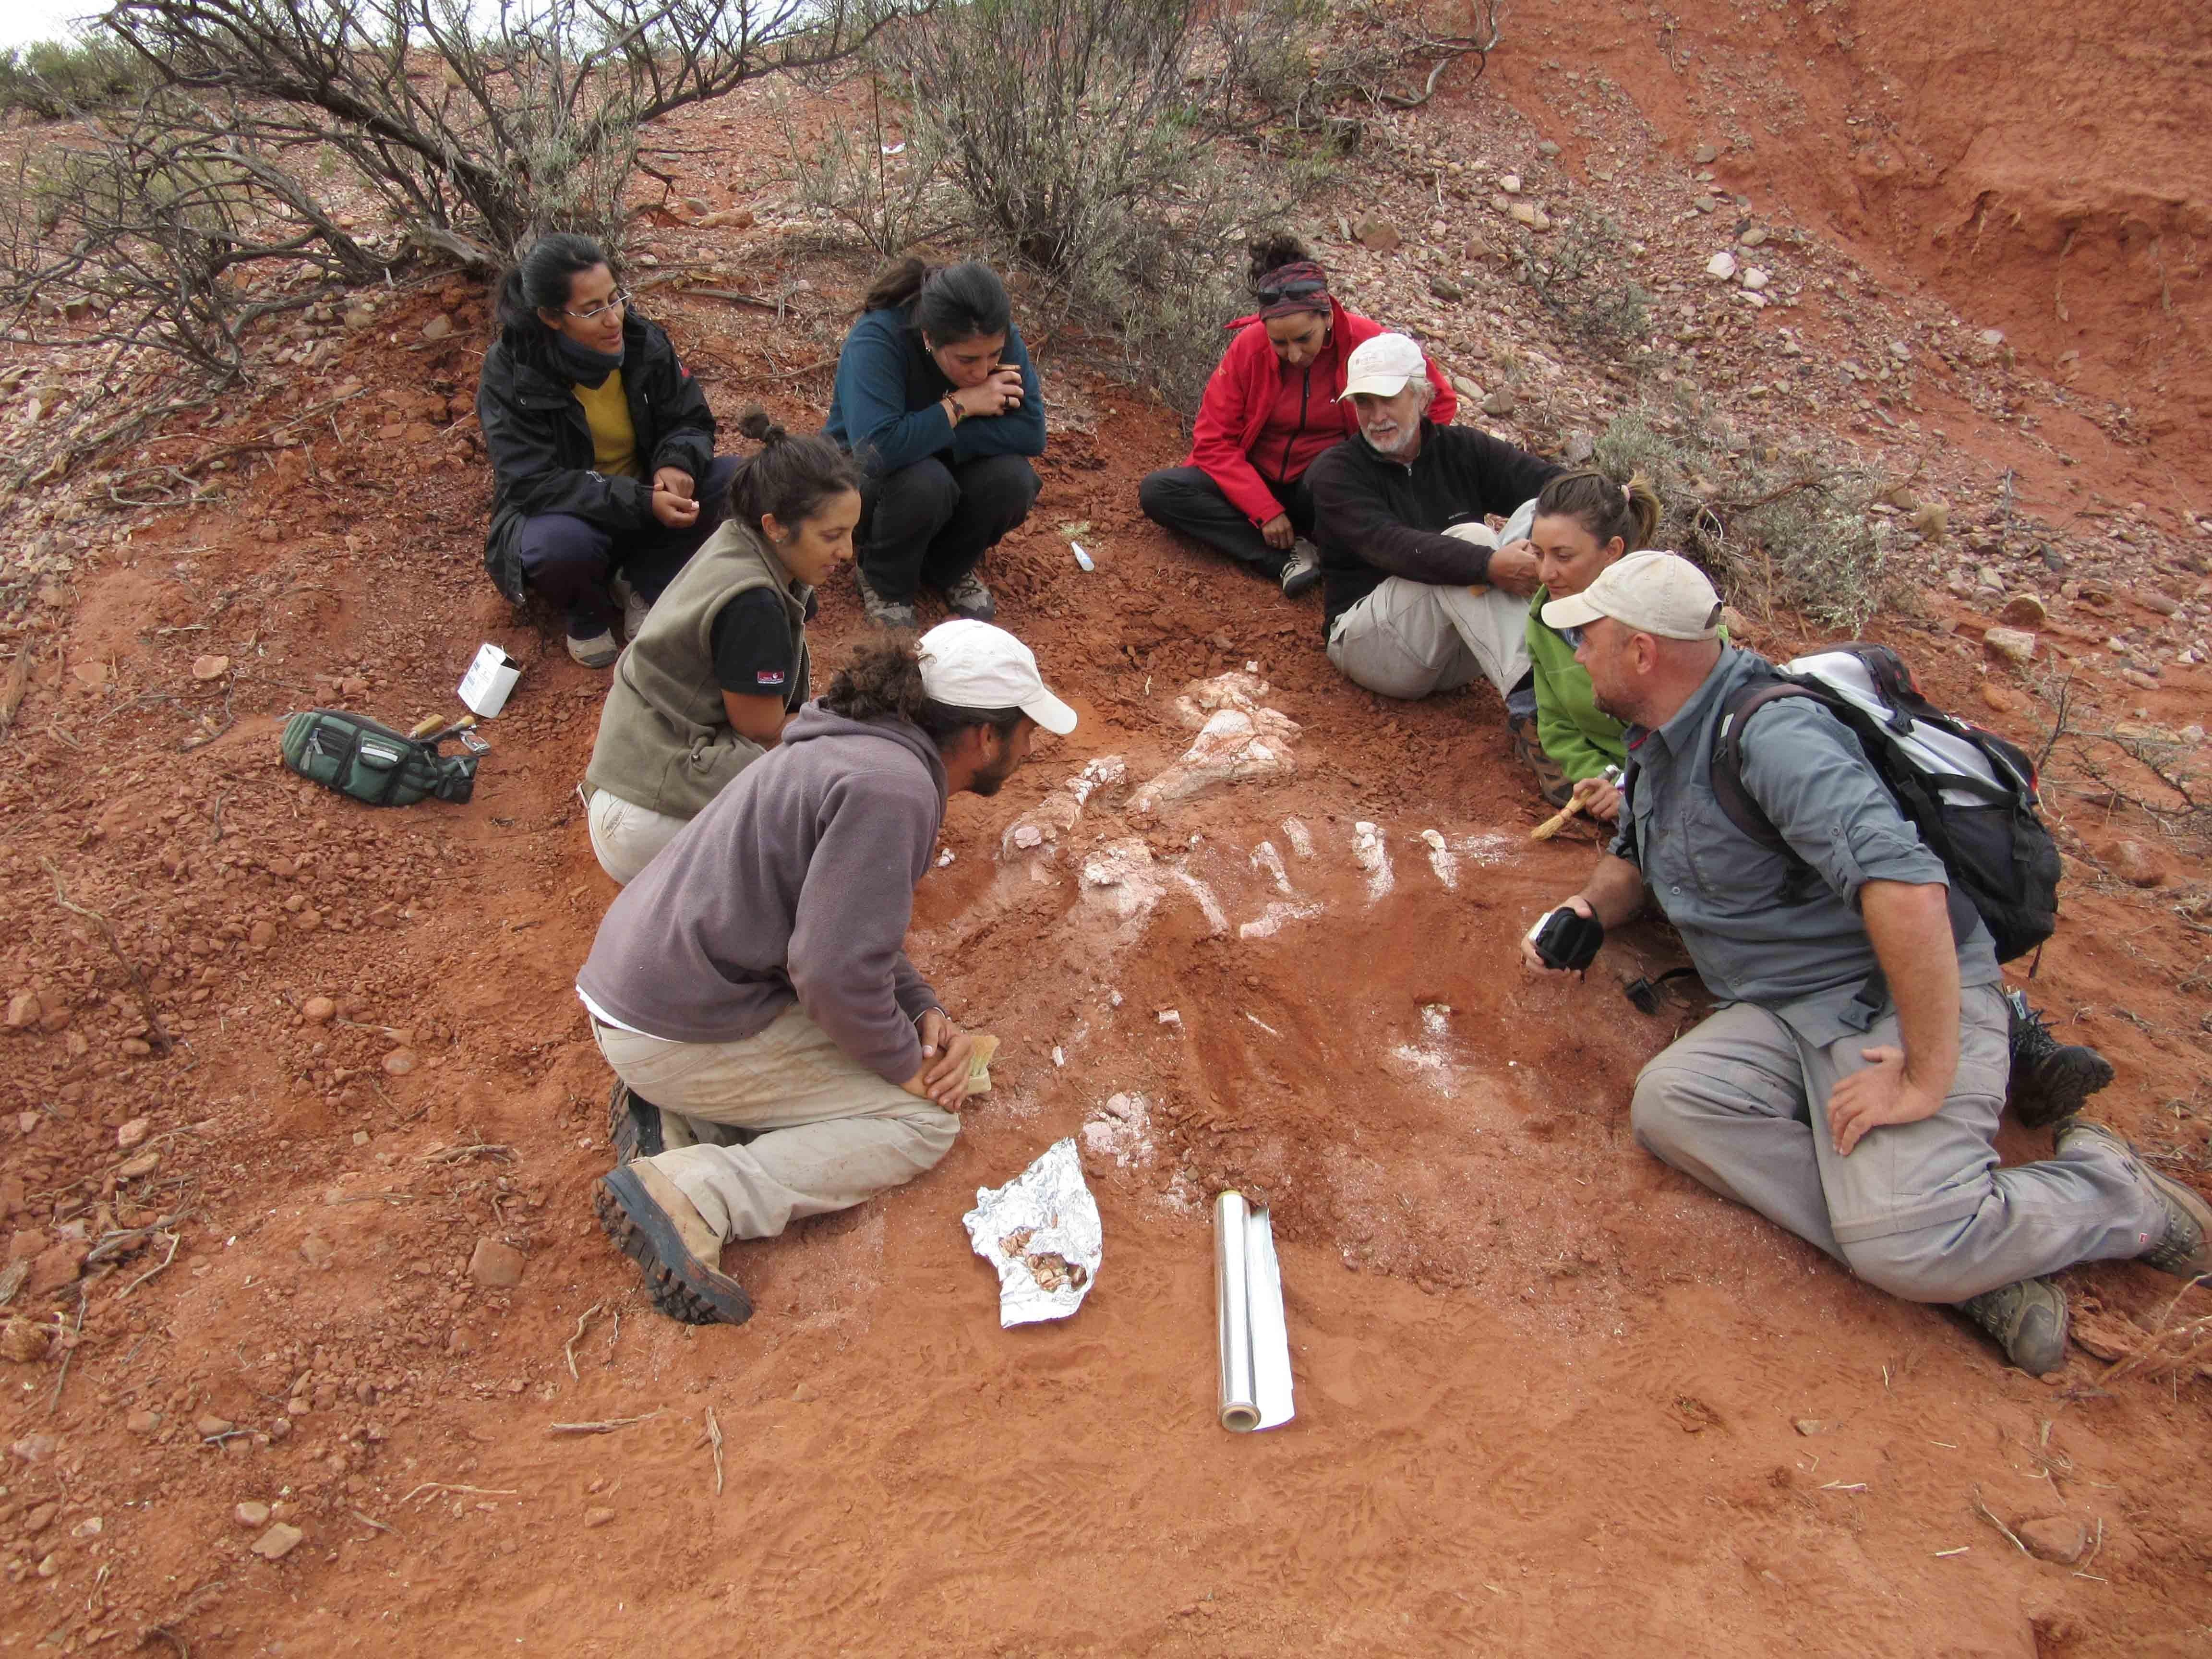 Investigadores argentinos desentierran fósiles del dinosaurio gigante más antiguo conocido hasta el momento, San juan, Argentina